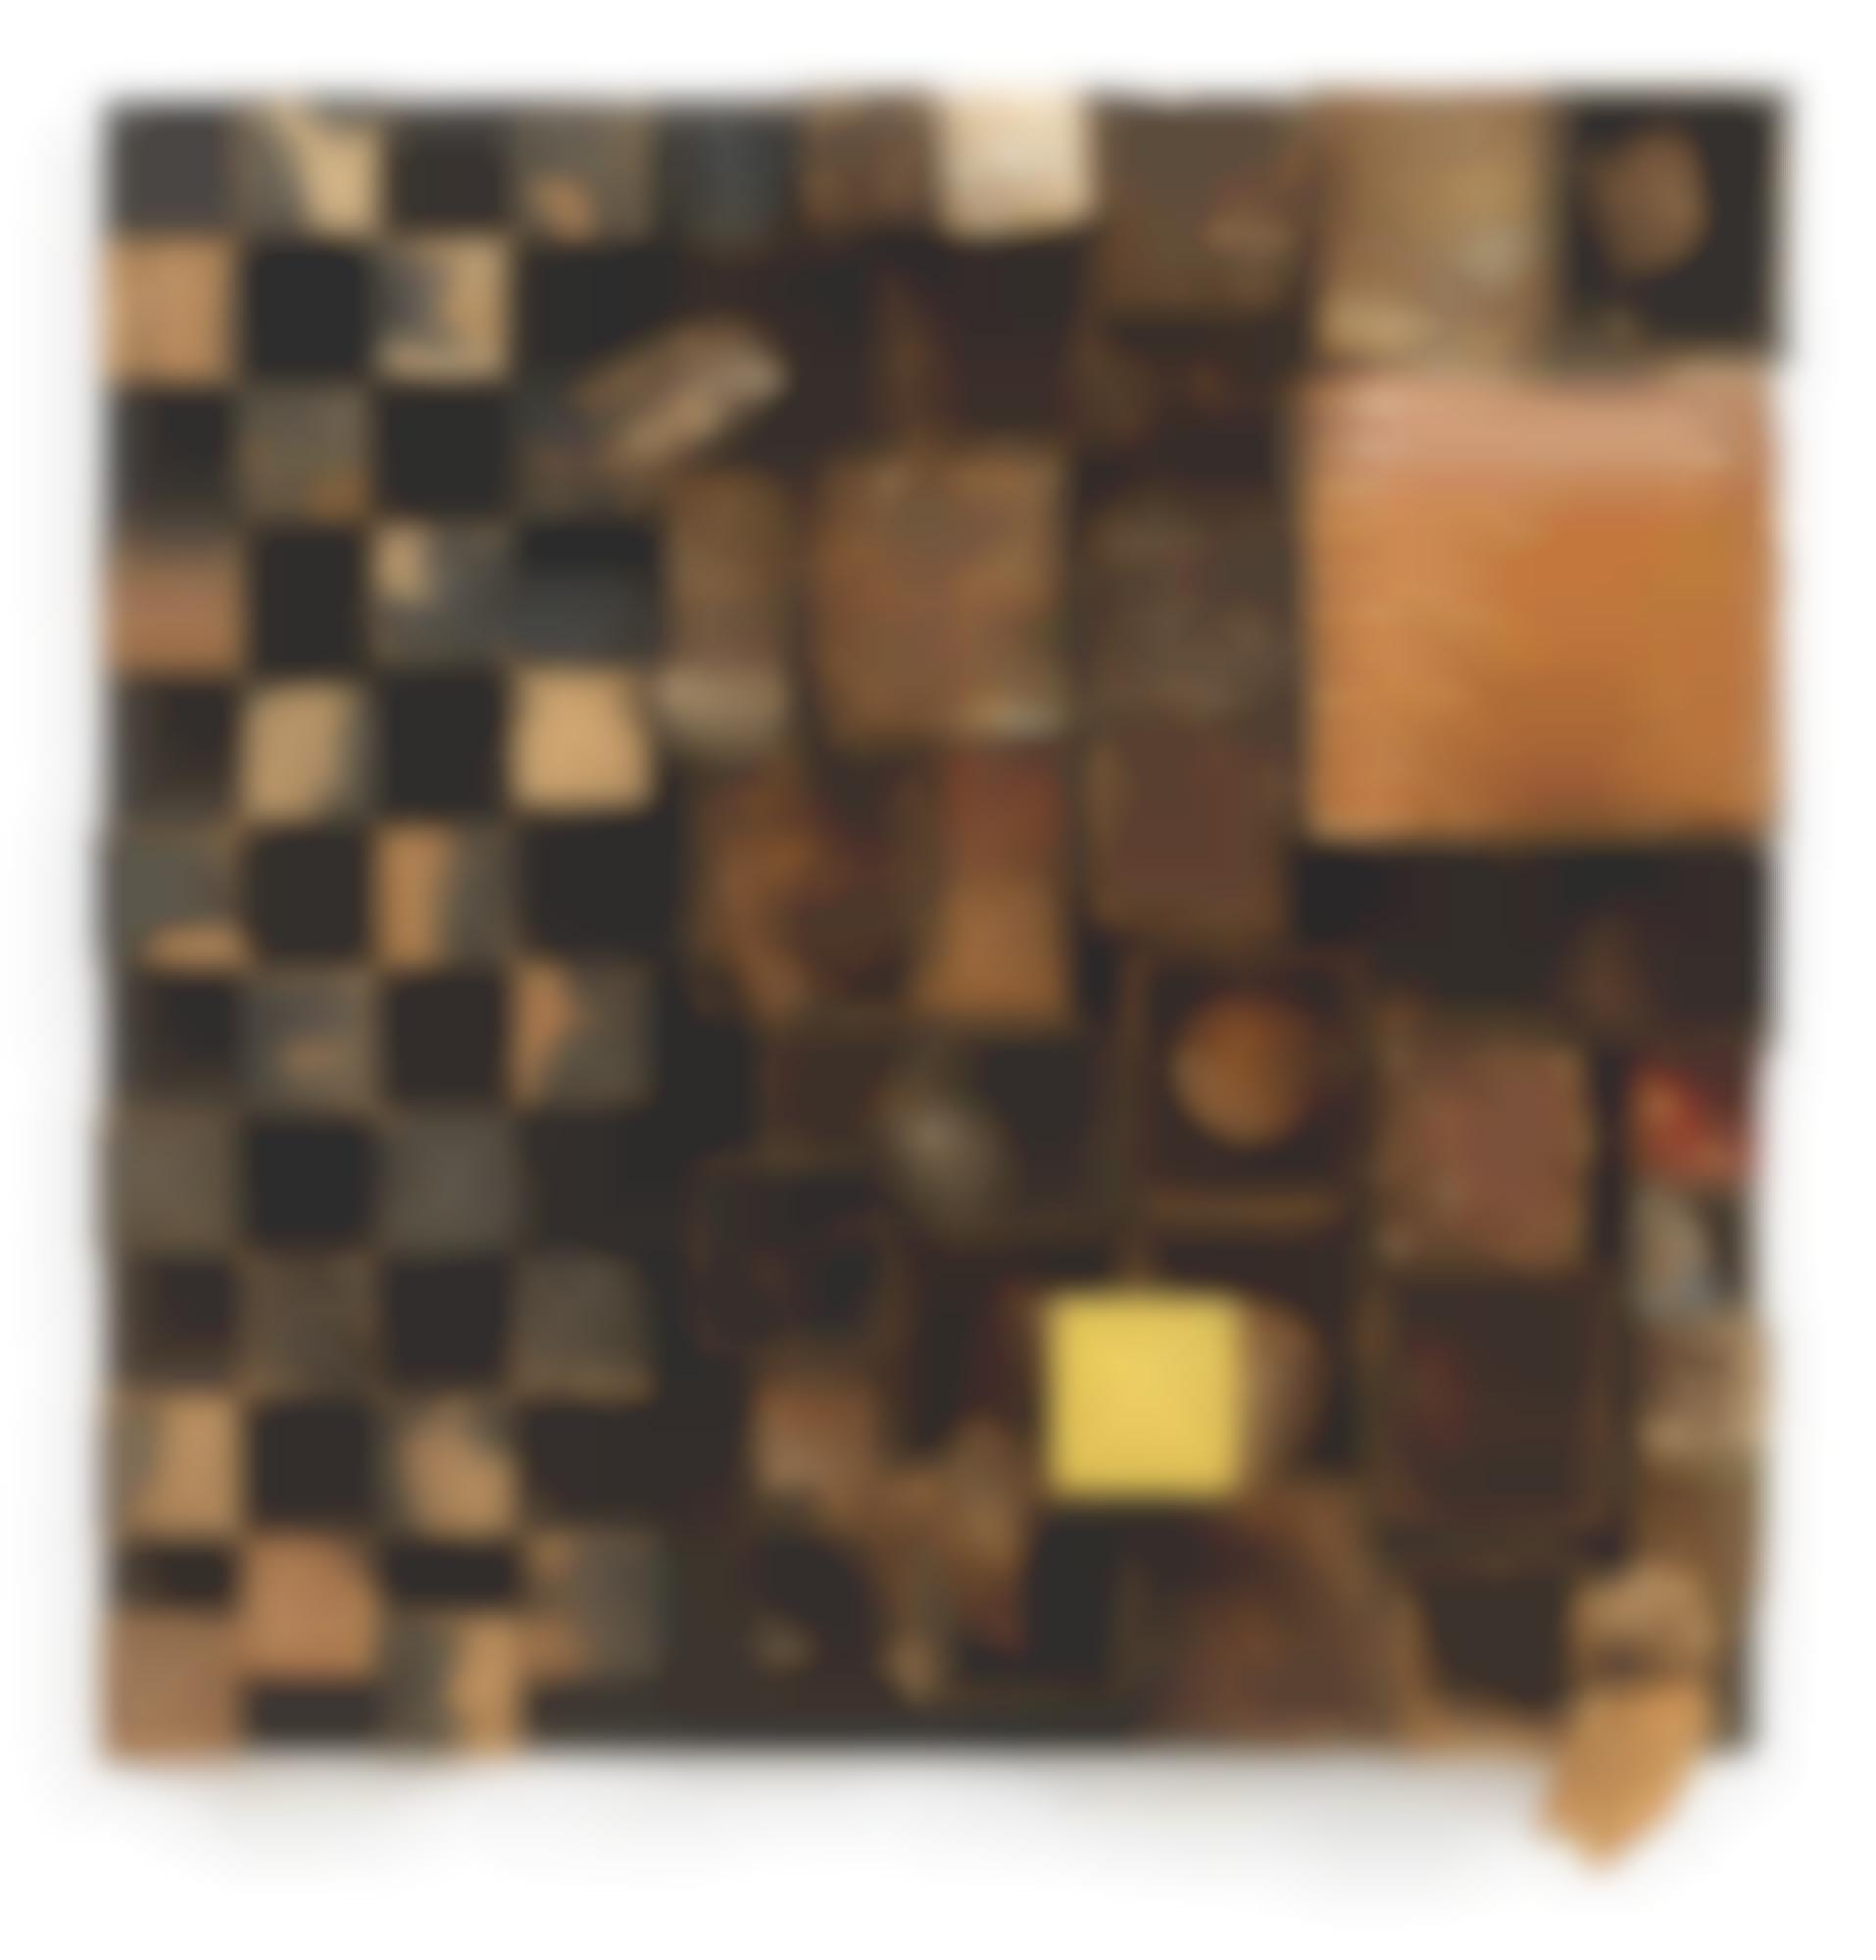 Leonardo Drew-Number 42A-2001